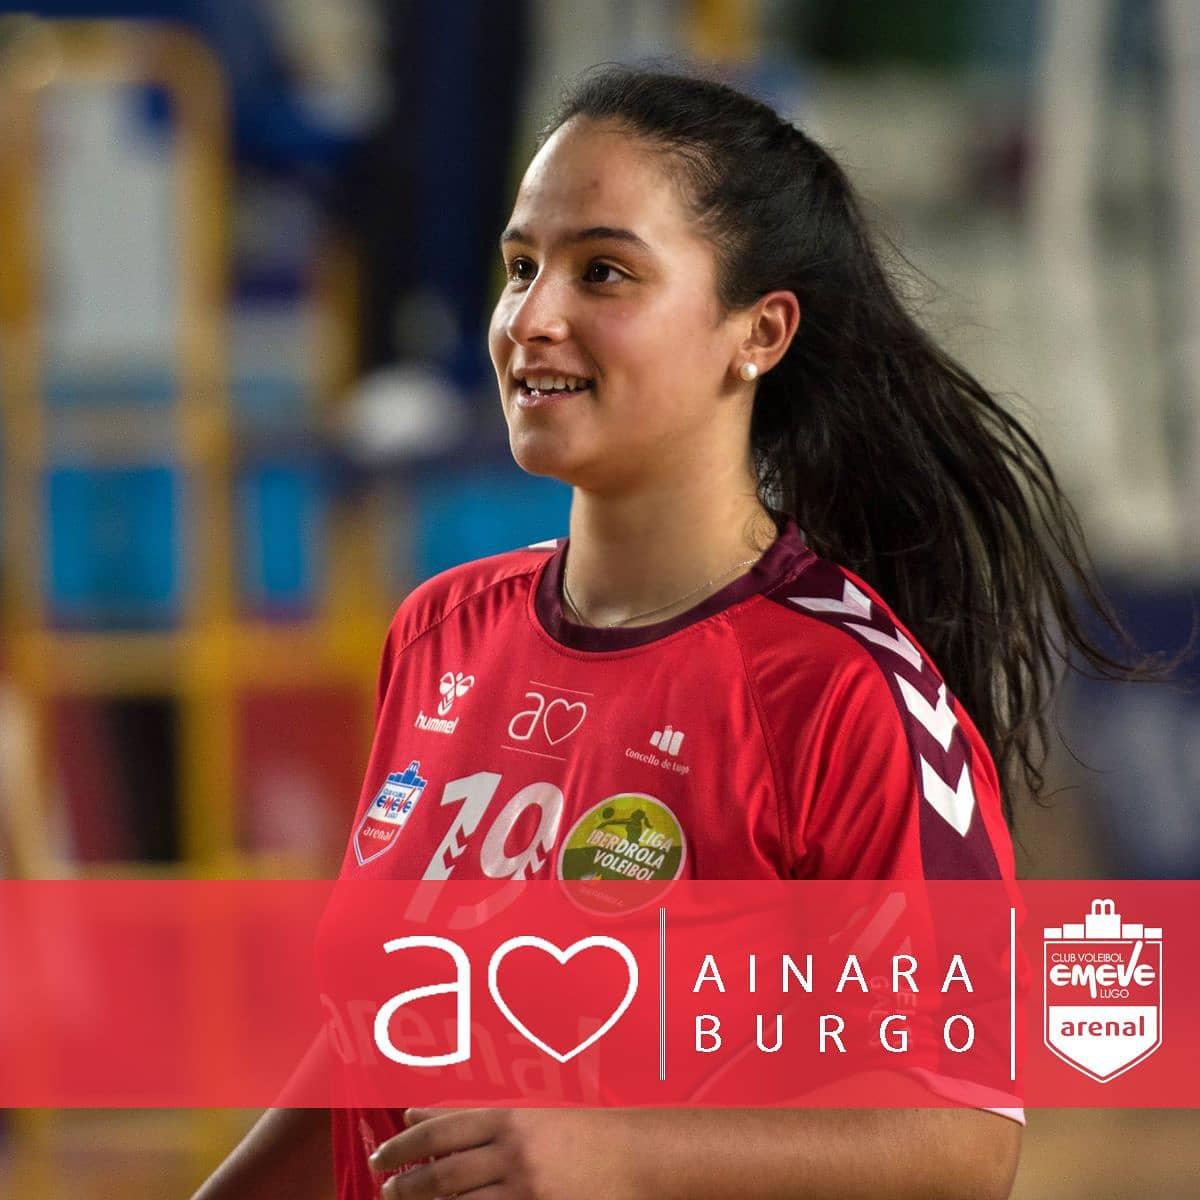 Ainara Burgo, xogadora do Emevé / EMEVÉ